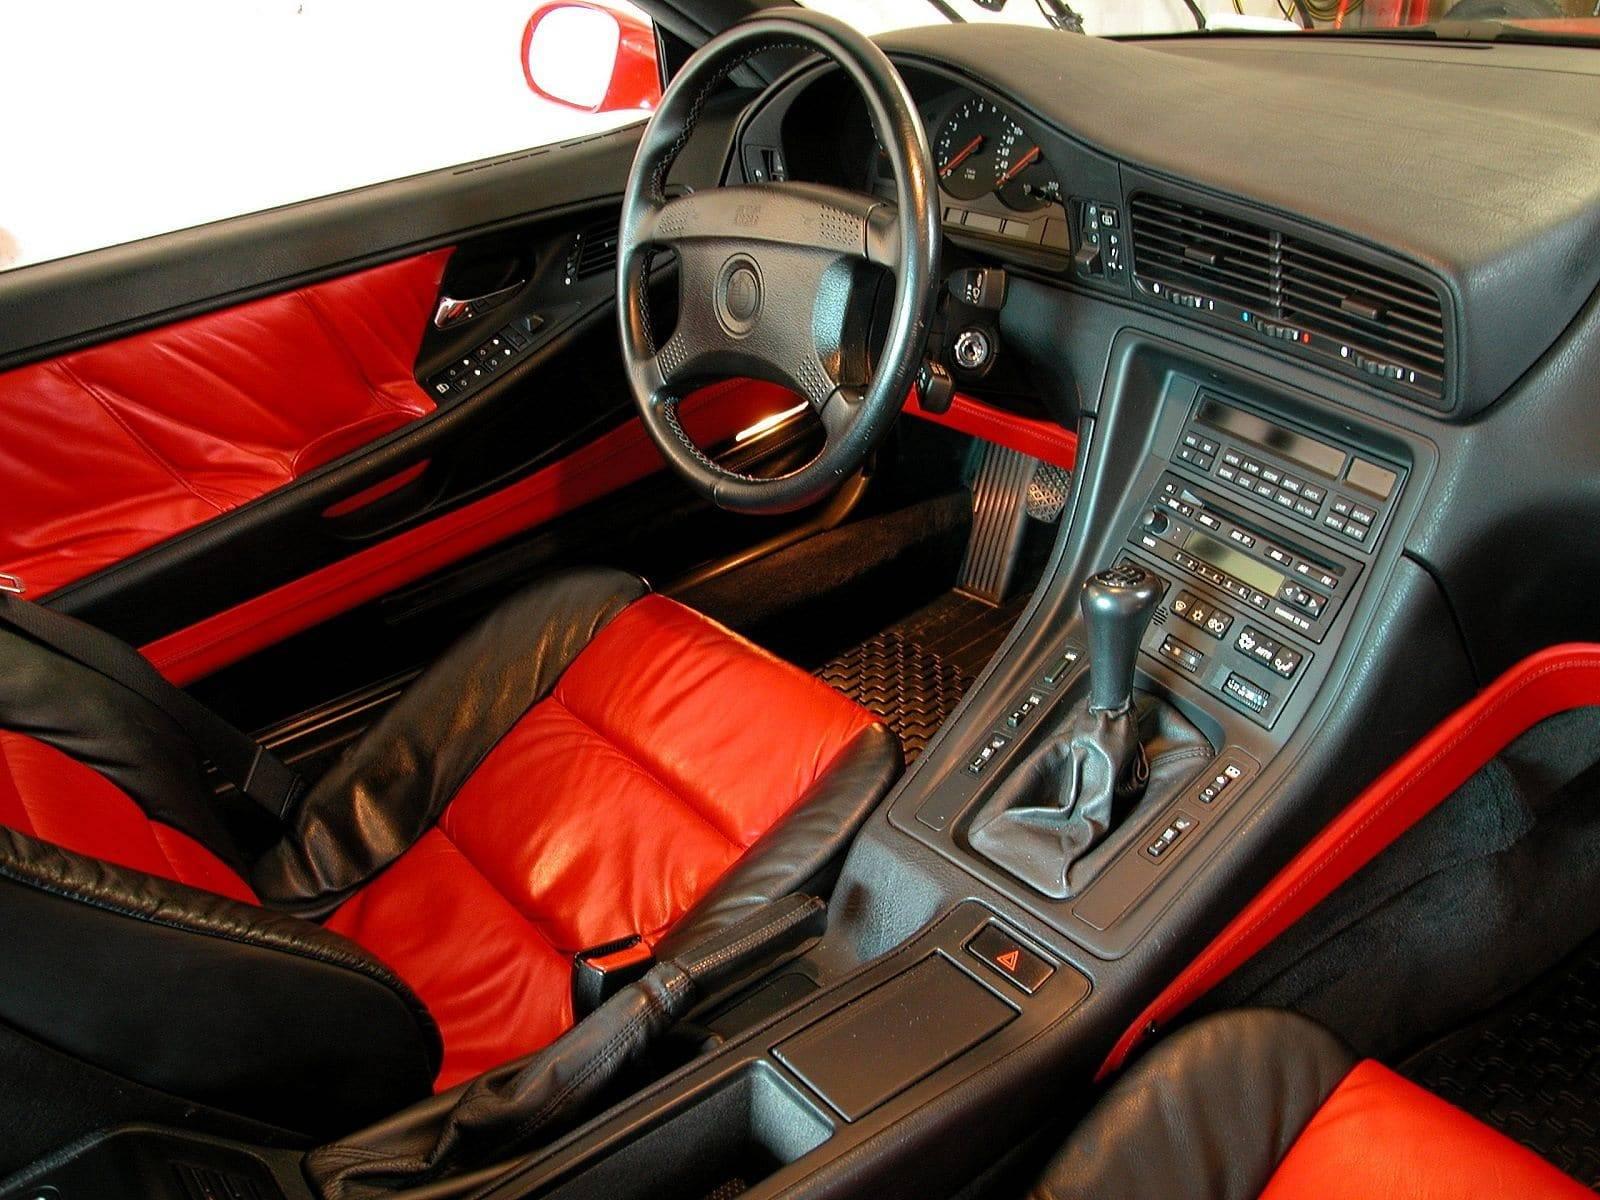 BMW 8 серии E31 - благородный флагман из 90-х 3